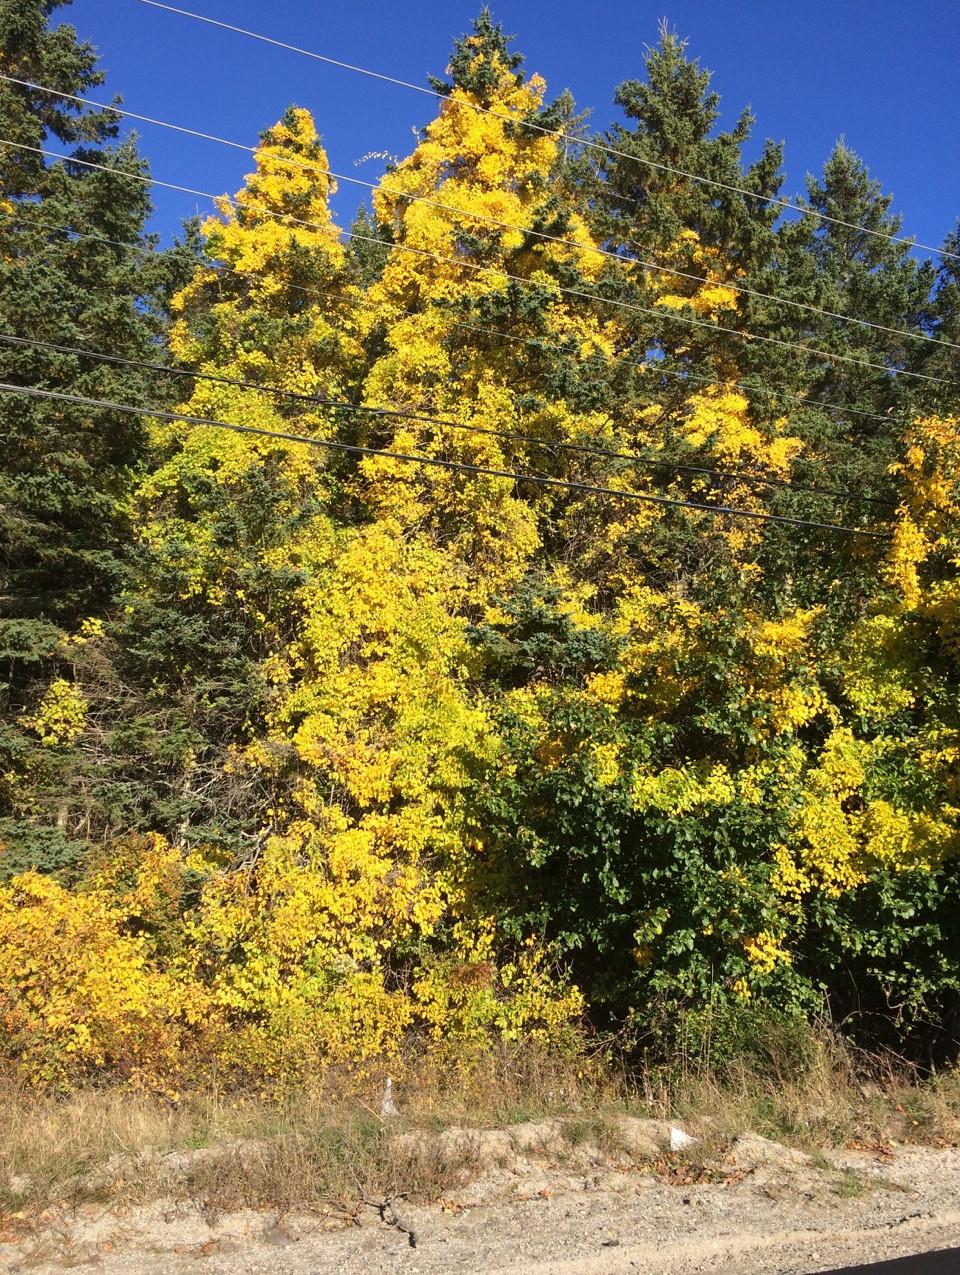 Bittersweet in spruce